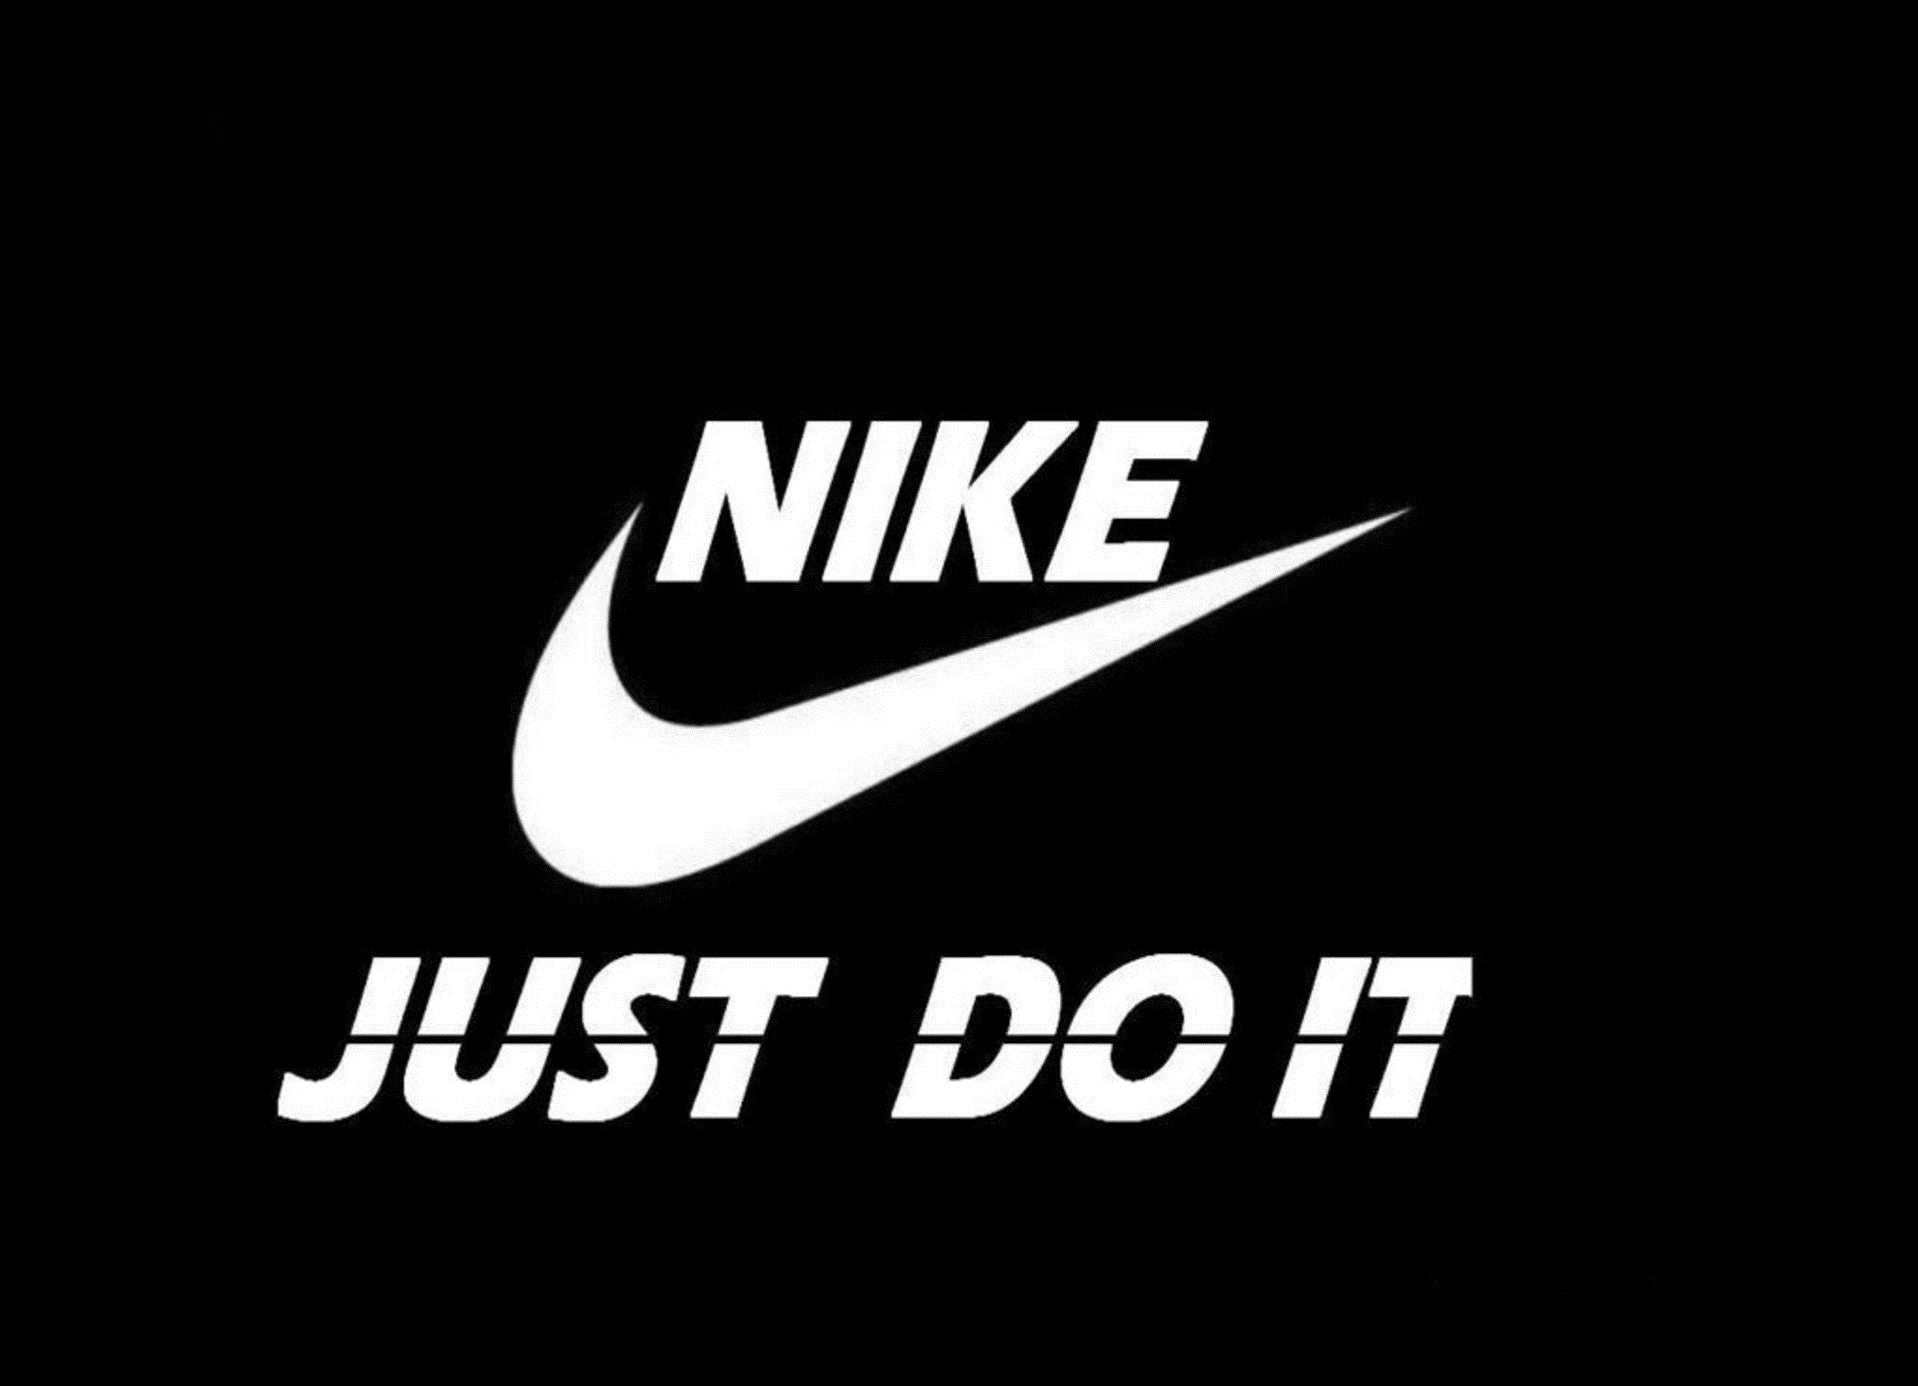 Еврокомиссия наказала Nike на 12,5 млн евро из-за футбола